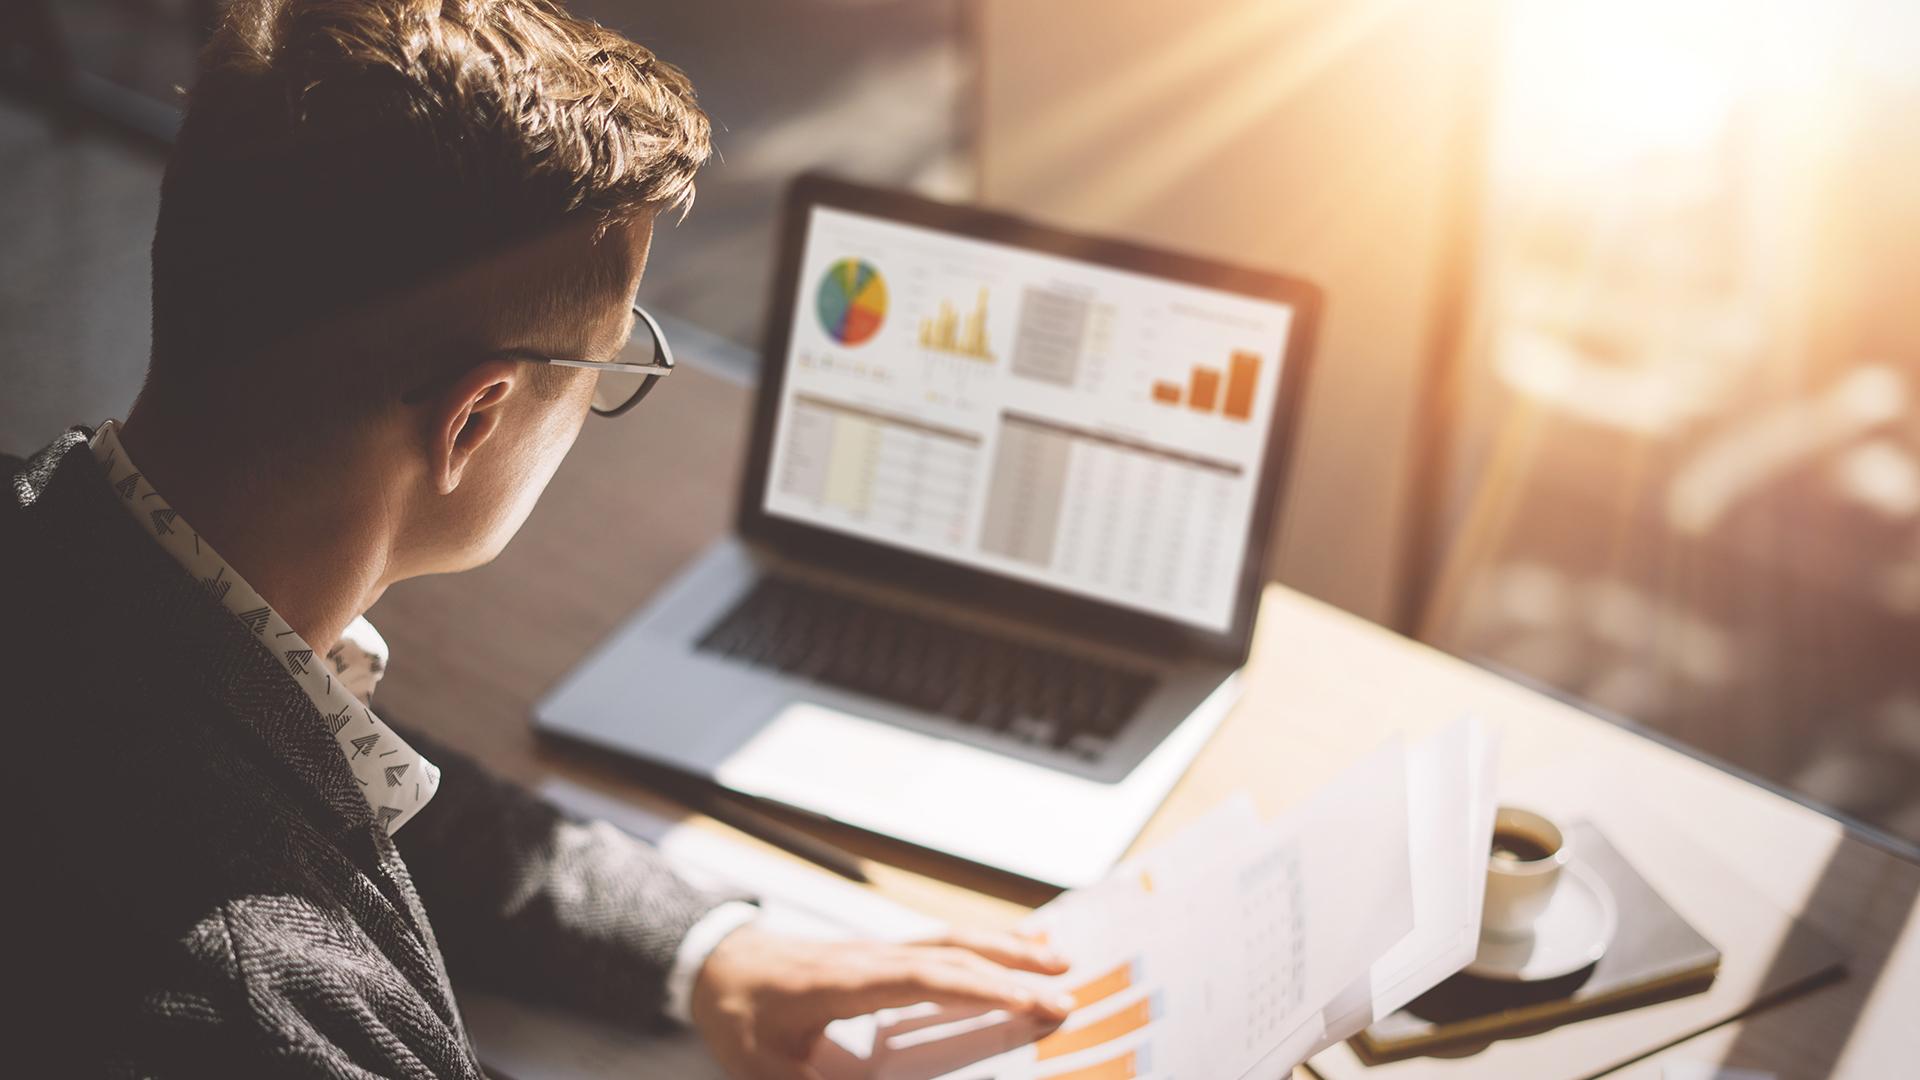 Com recursos online, contabilidade digital e híbrida facilitam comunicação e processos entre contador e empresa.